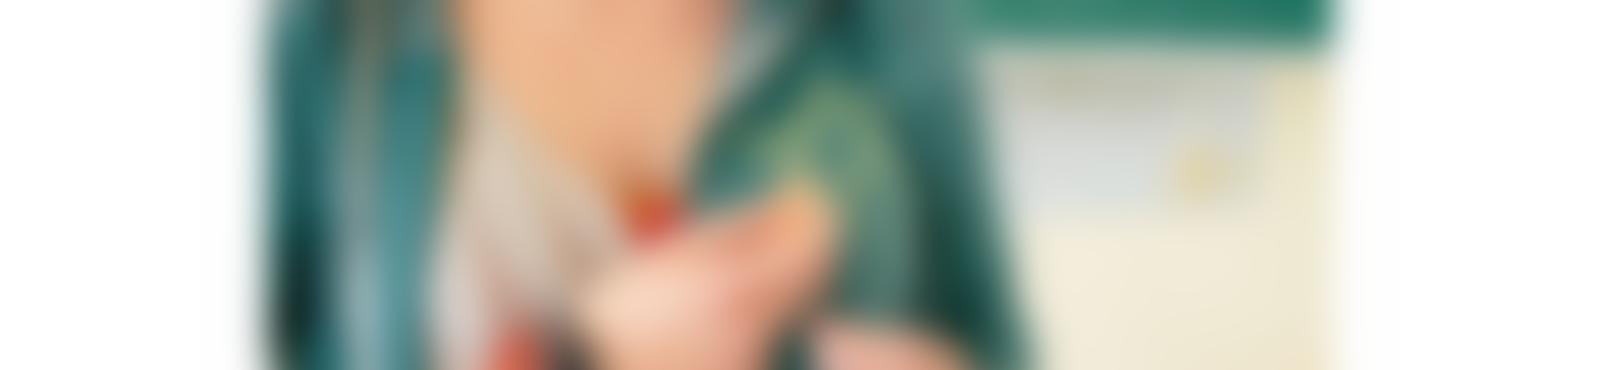 Blurred 1b600d82 a01e 4e95 988a b159318927b8